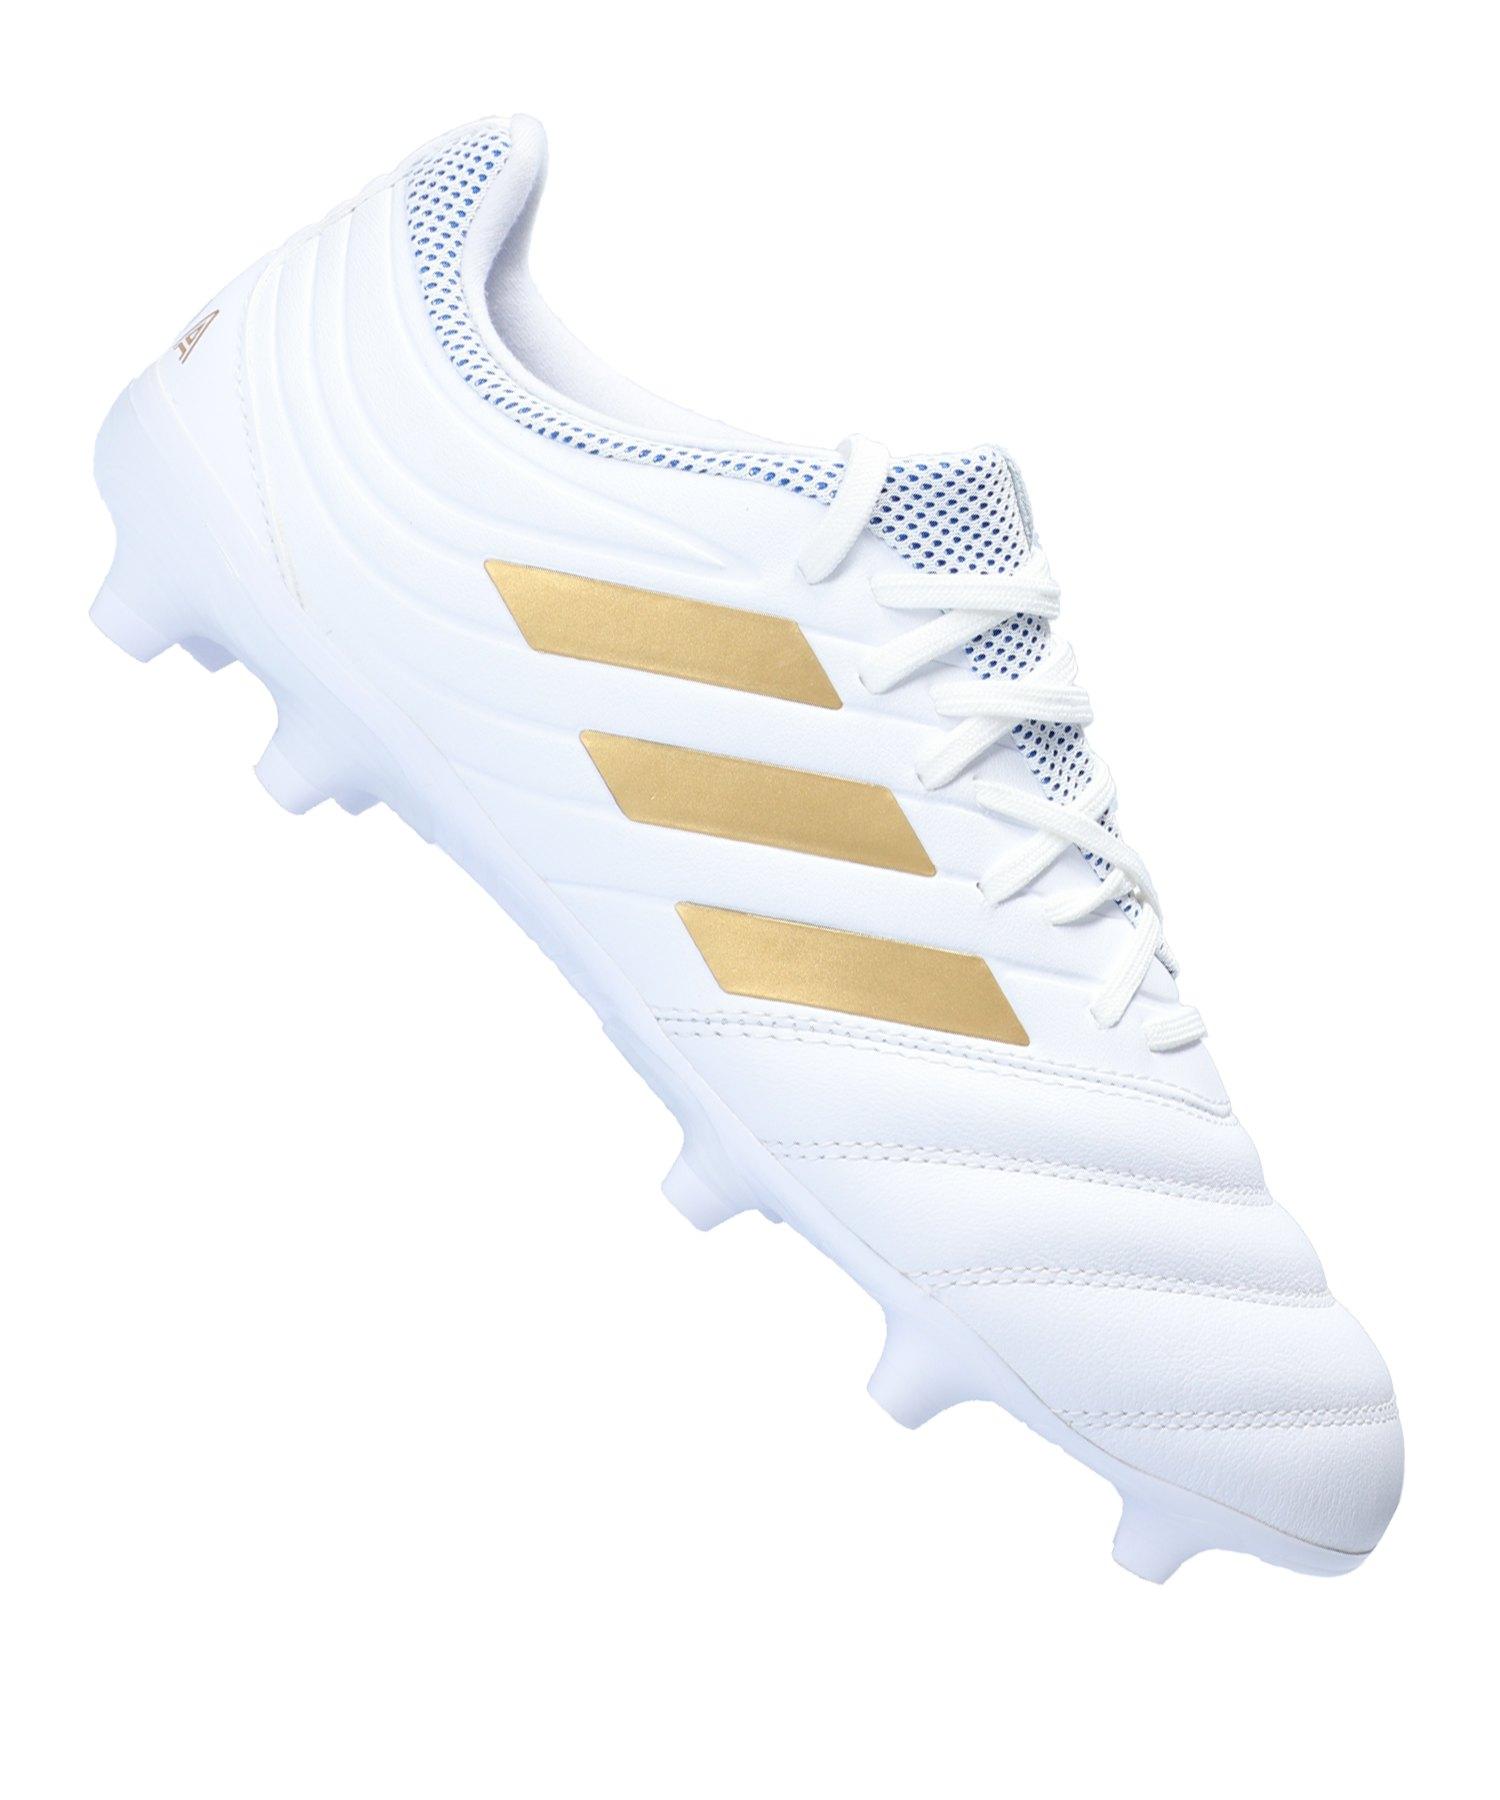 adidas COPA 19.3 FG Weiss Gold - weiss